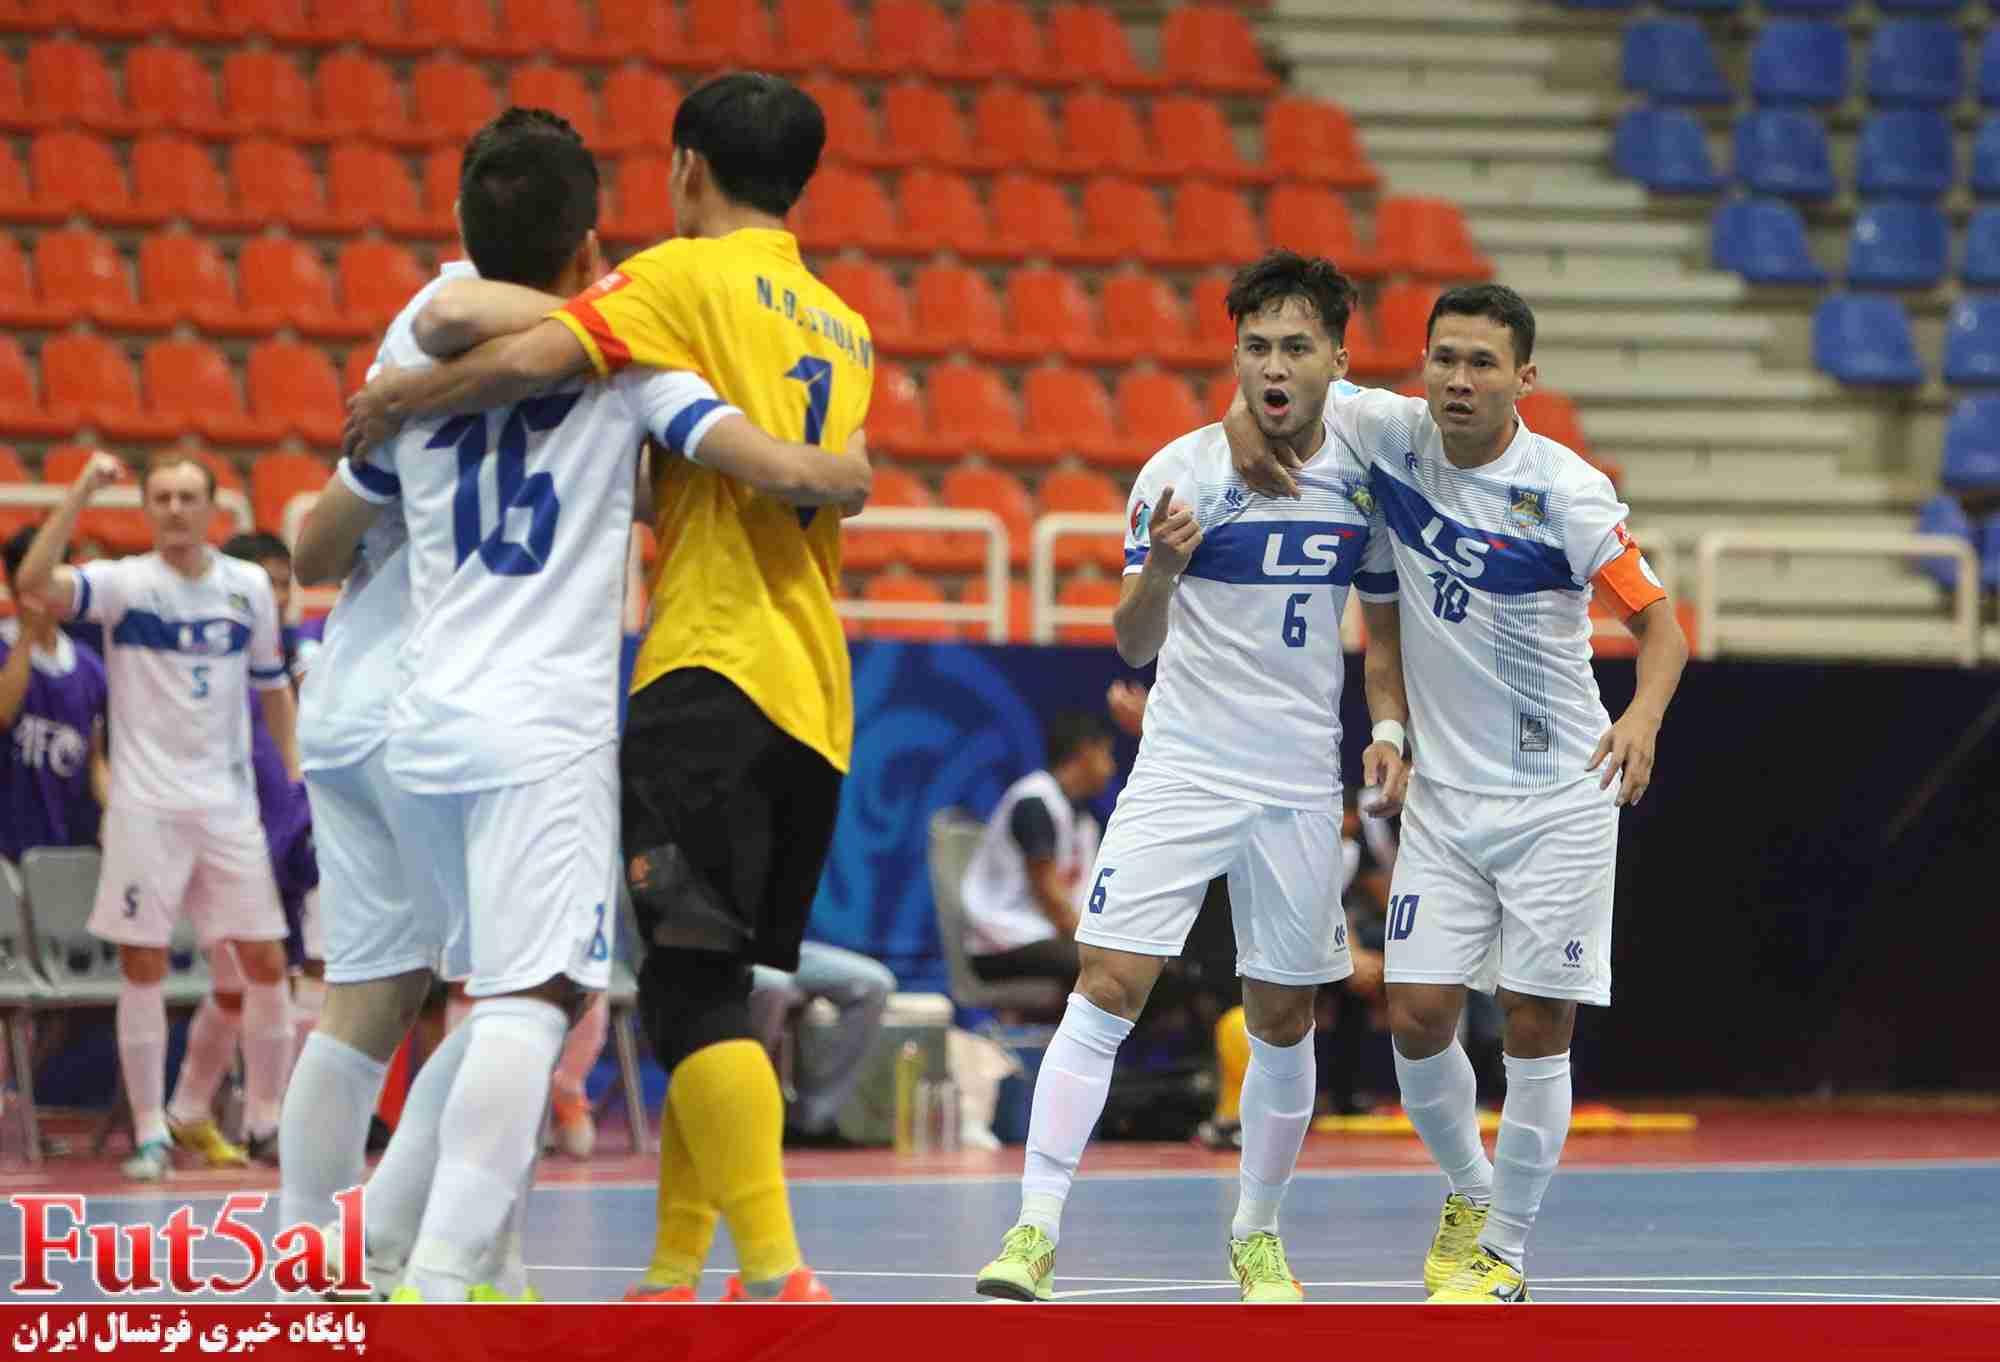 گزارش تصویری اختصاصی/بازی تیم های تای سون نام ویتنام با الریان قطر